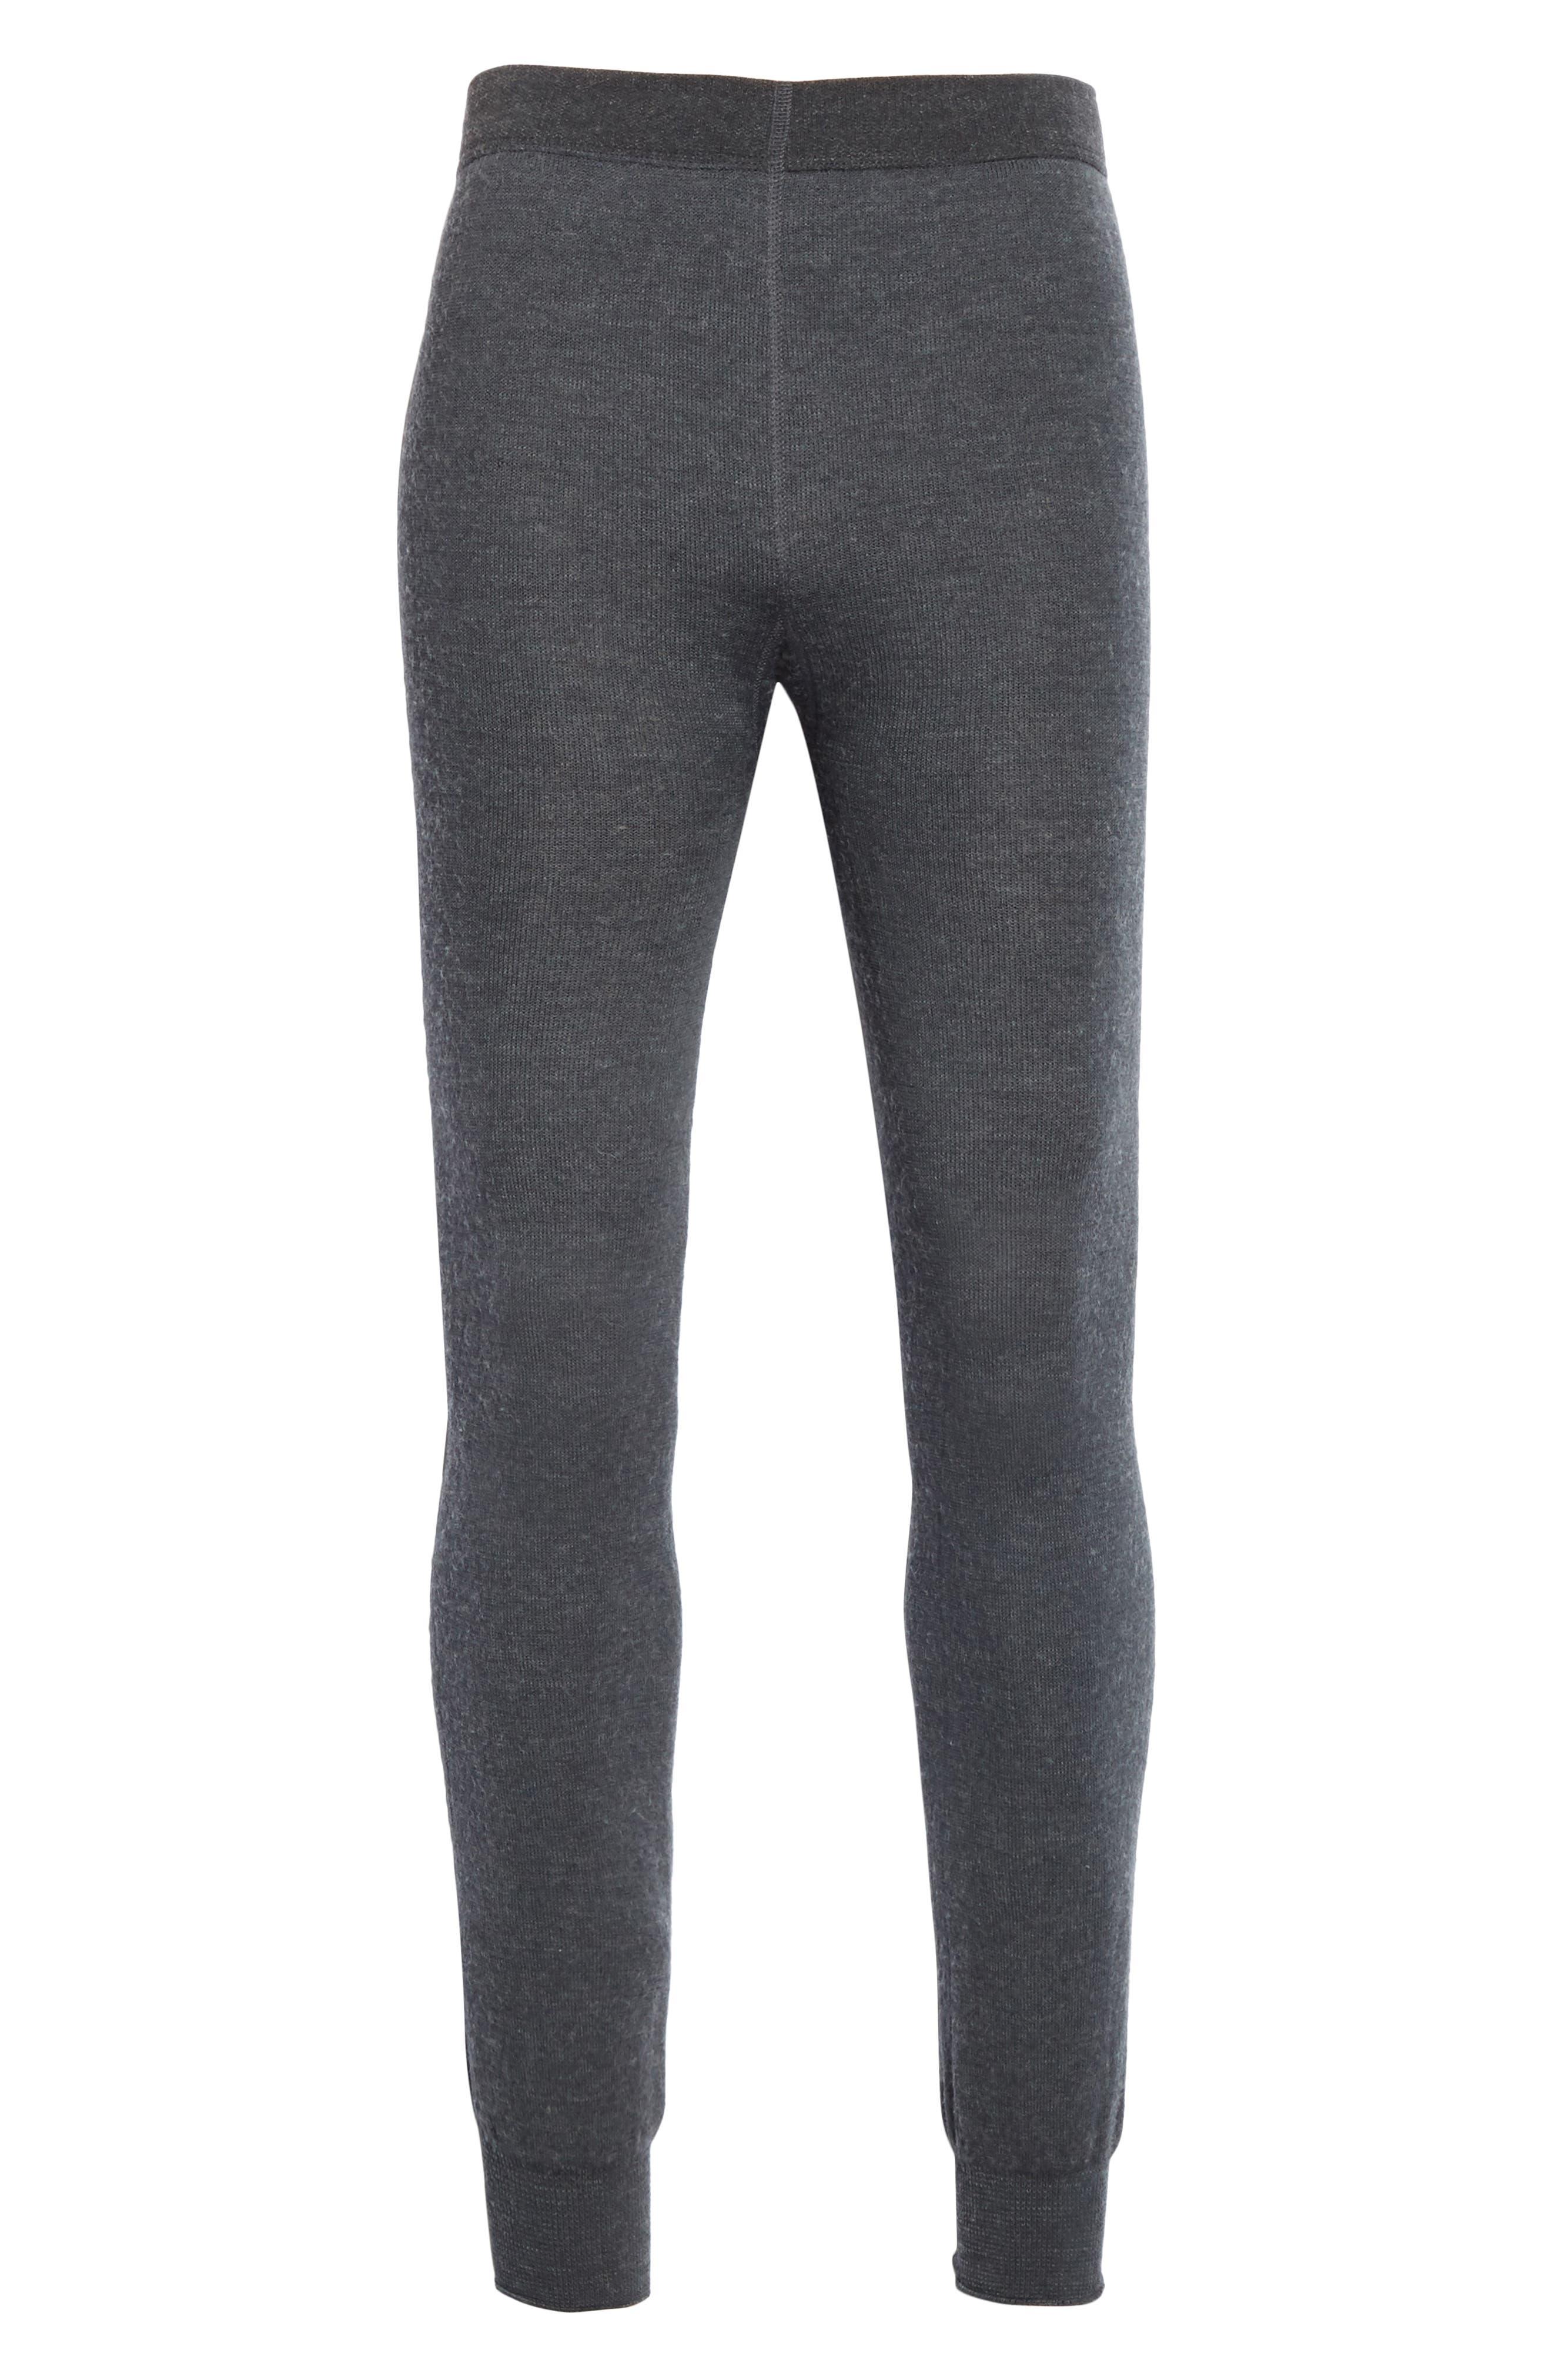 Woolpower Long Johns 200 Thermal Leggings, Grey